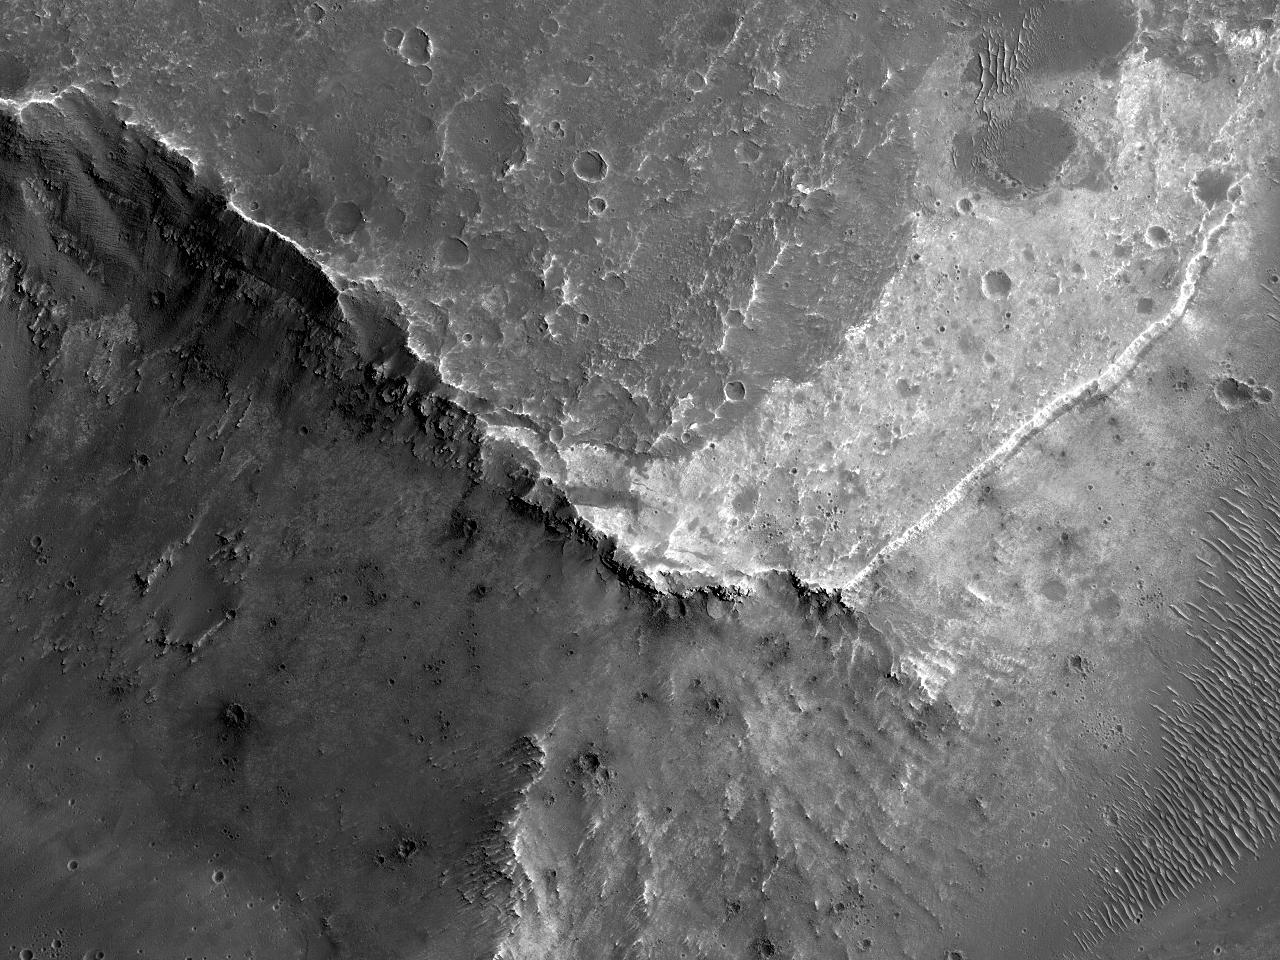 Eksponering av lys berggrunn og sediment i Coprates Catena